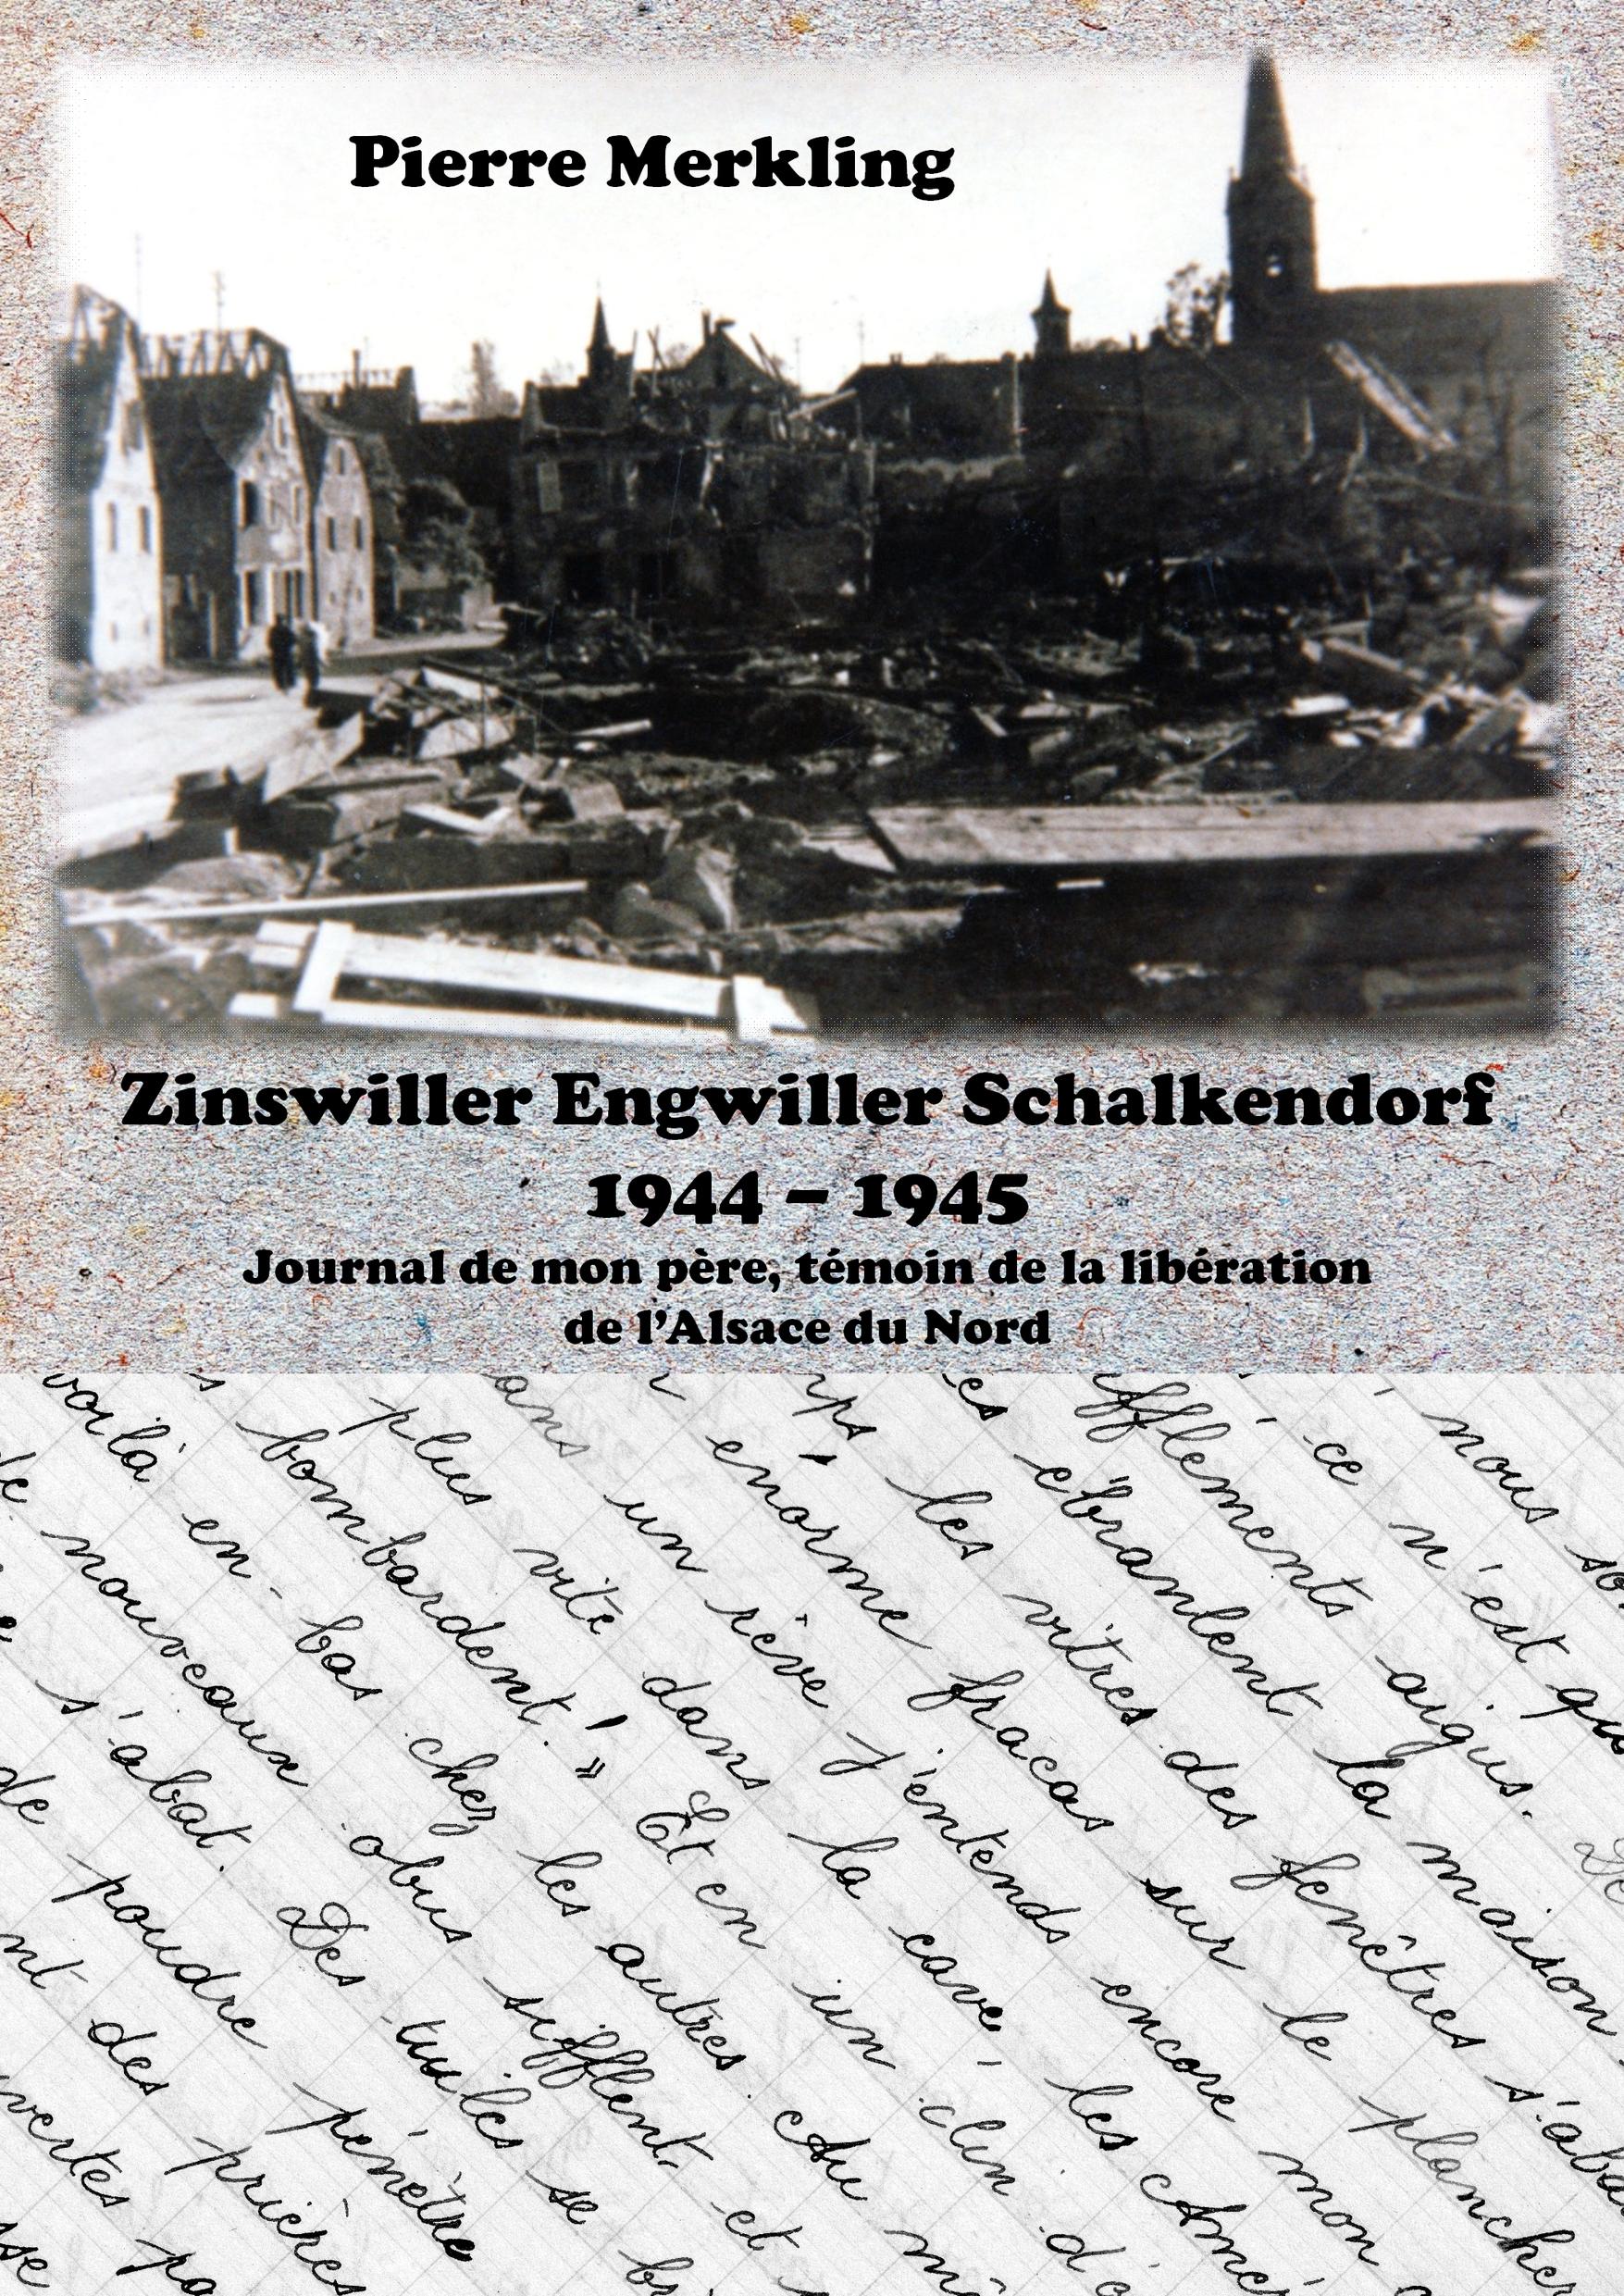 Zinswiller Engwiller Schalkendorf